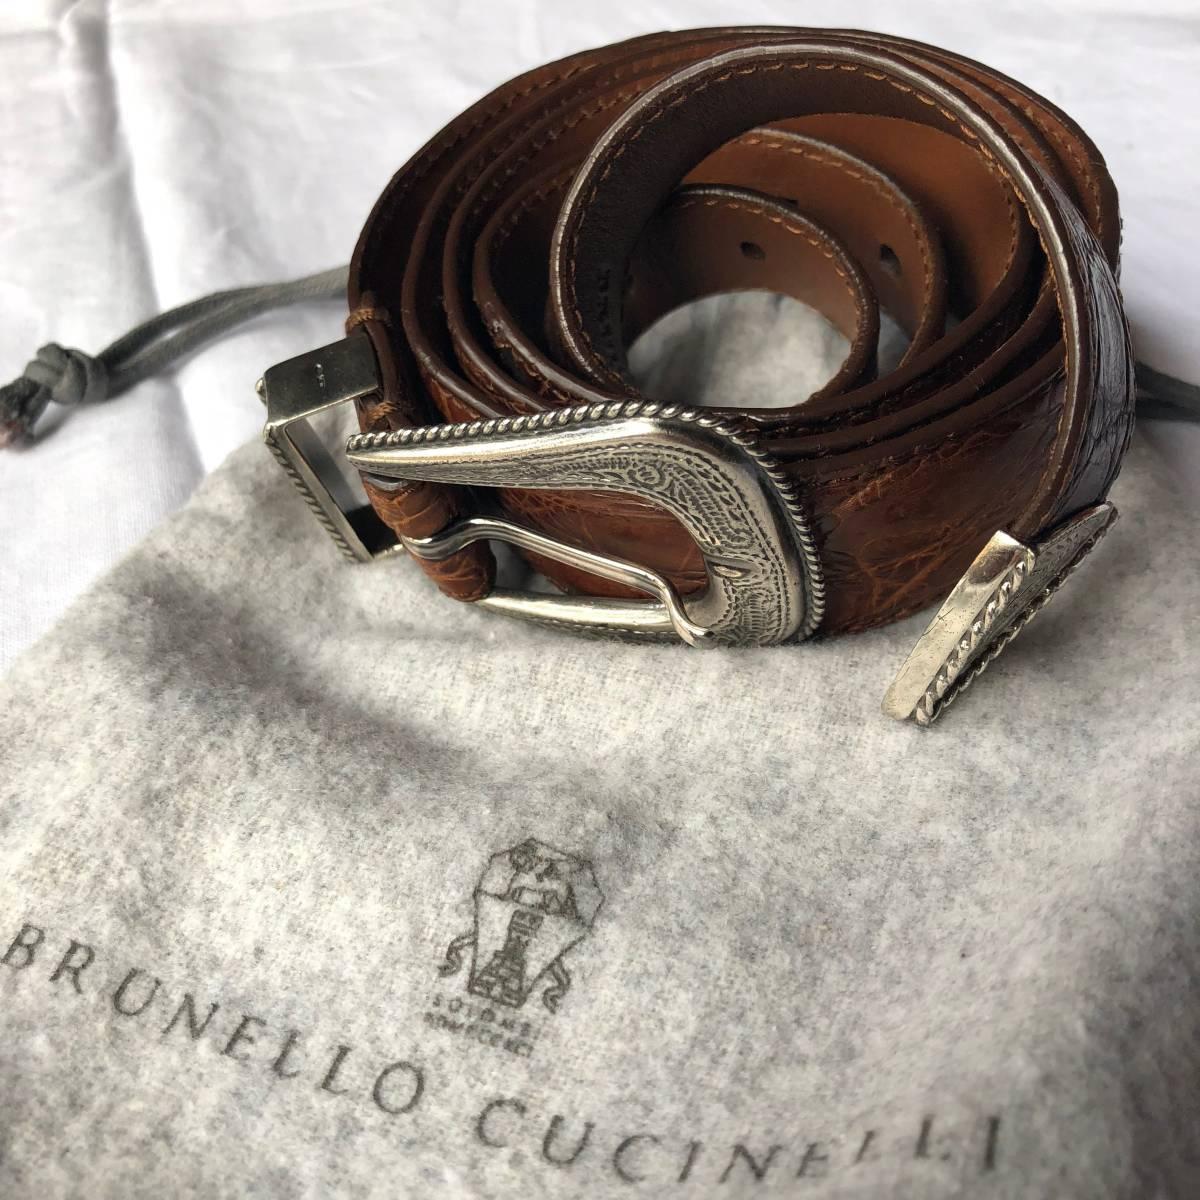 3942b44ca596 『定価27万☆Brunello Cucinelli ブルネロクチネリ☆純銀925&クロコダイル☆プンターレ ベルト